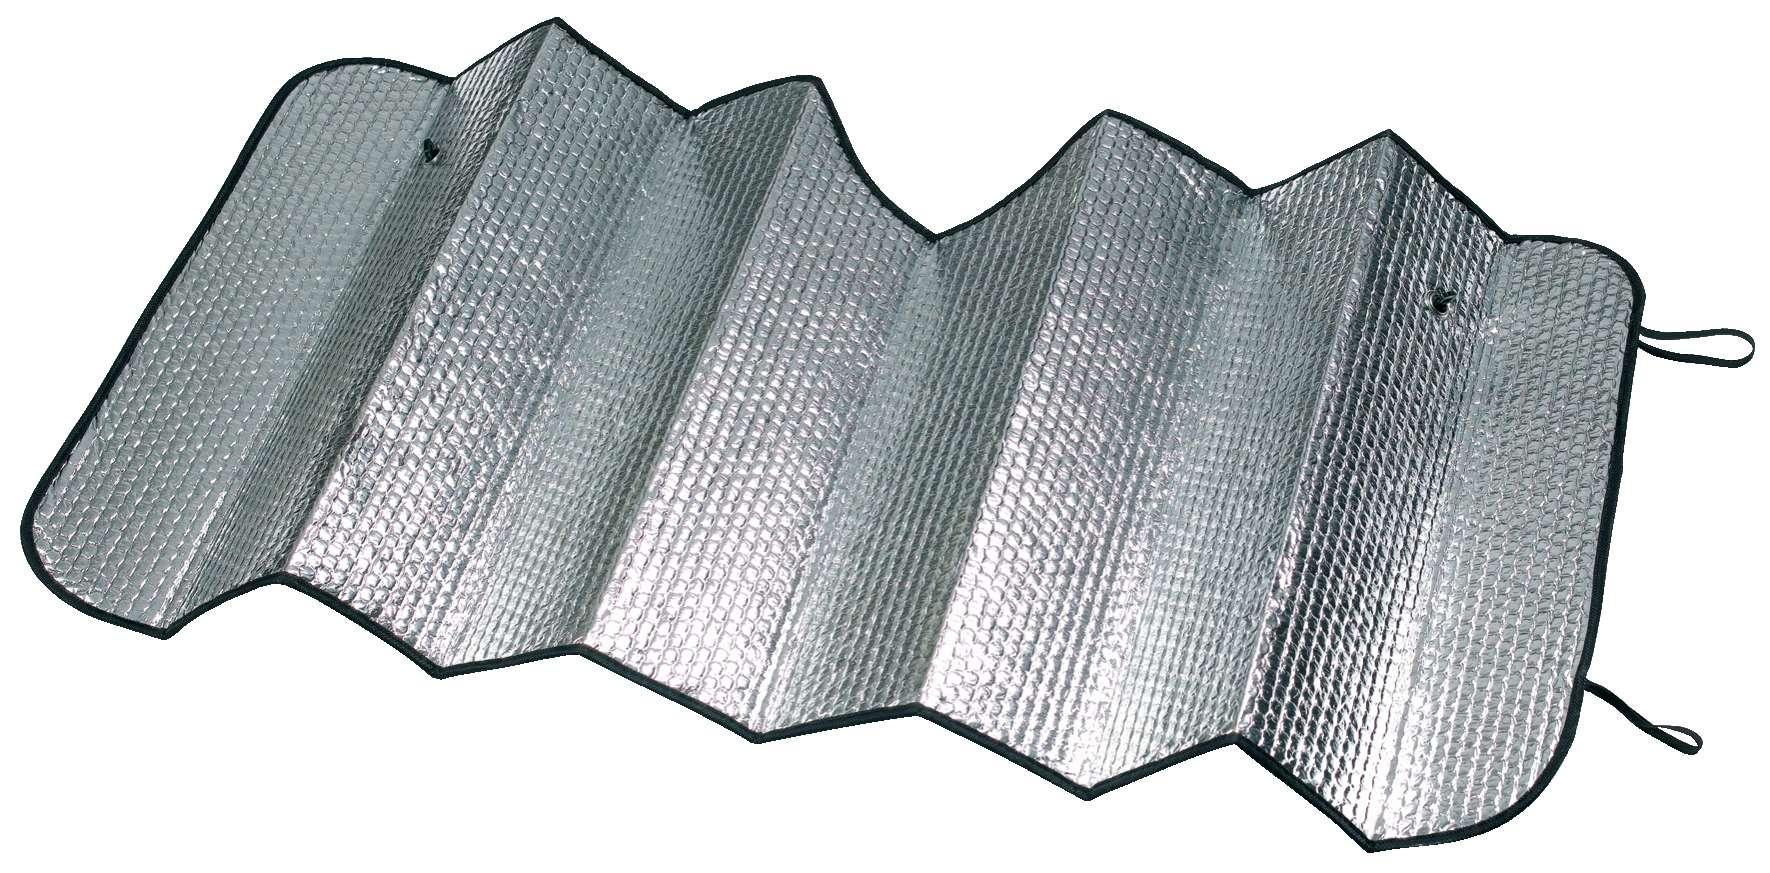 Folie de protecţie parbriz 16720 WALSER 16720 de calitate originală